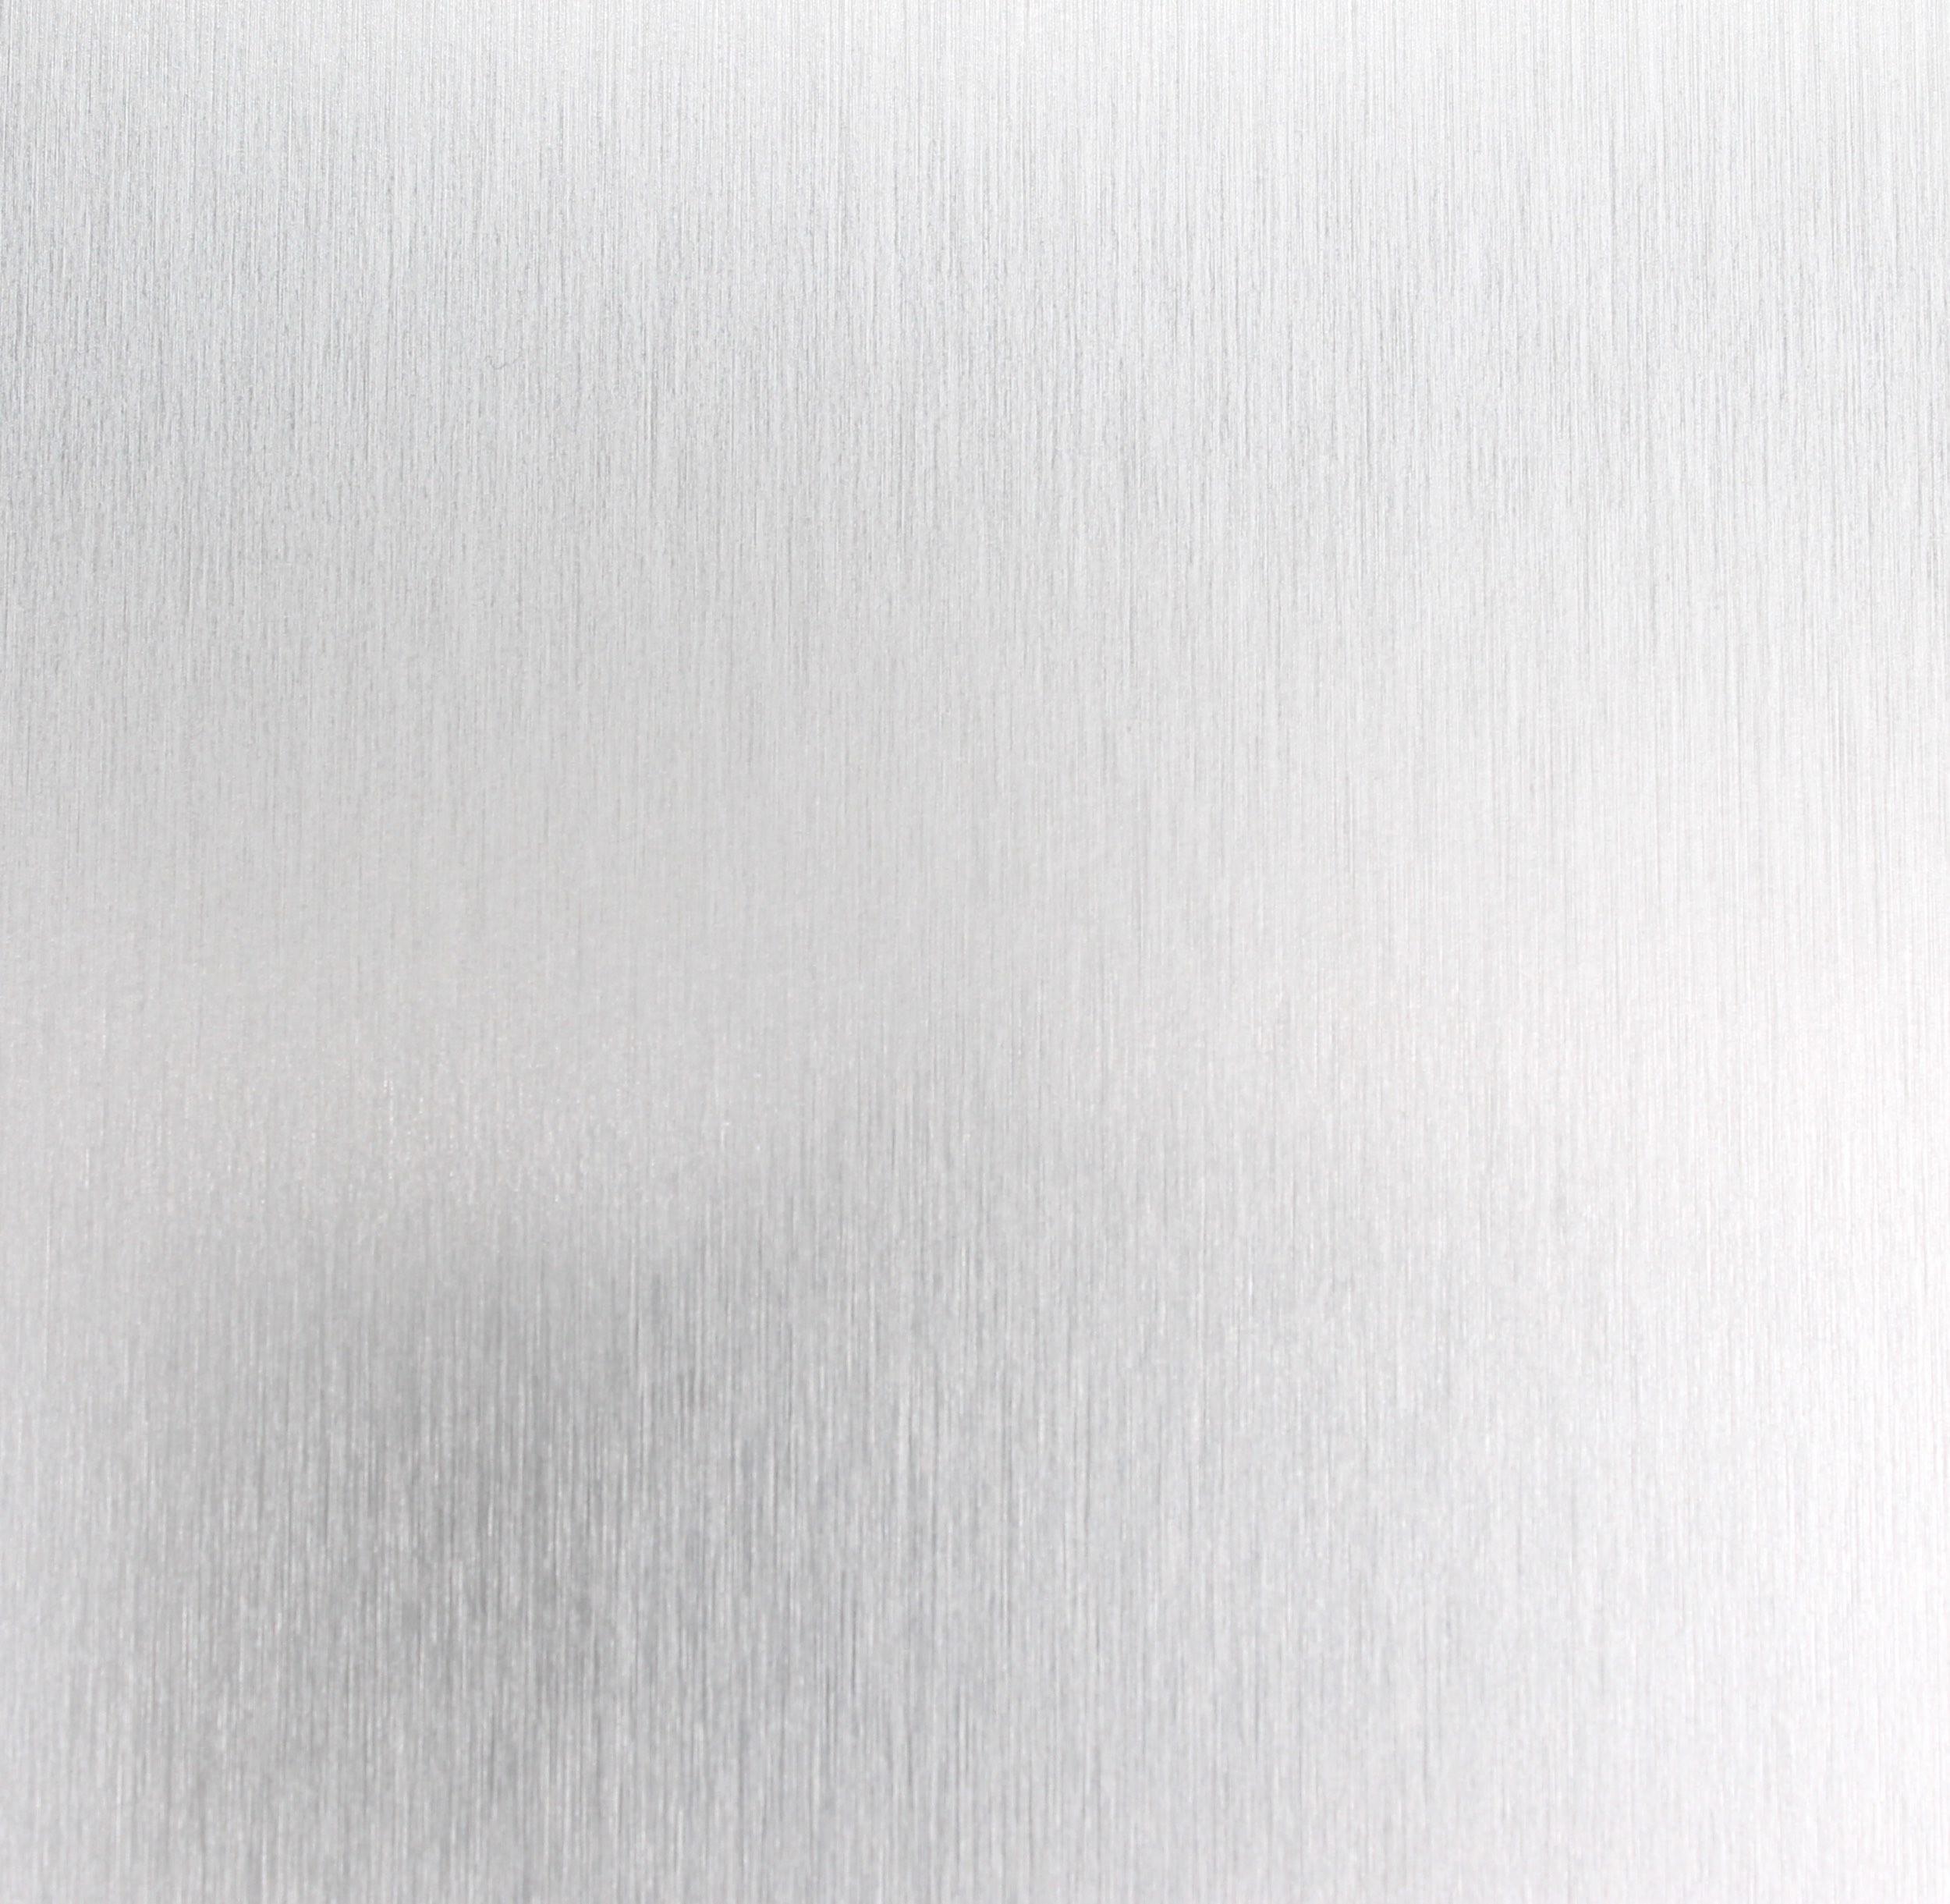 aluminum_laminate